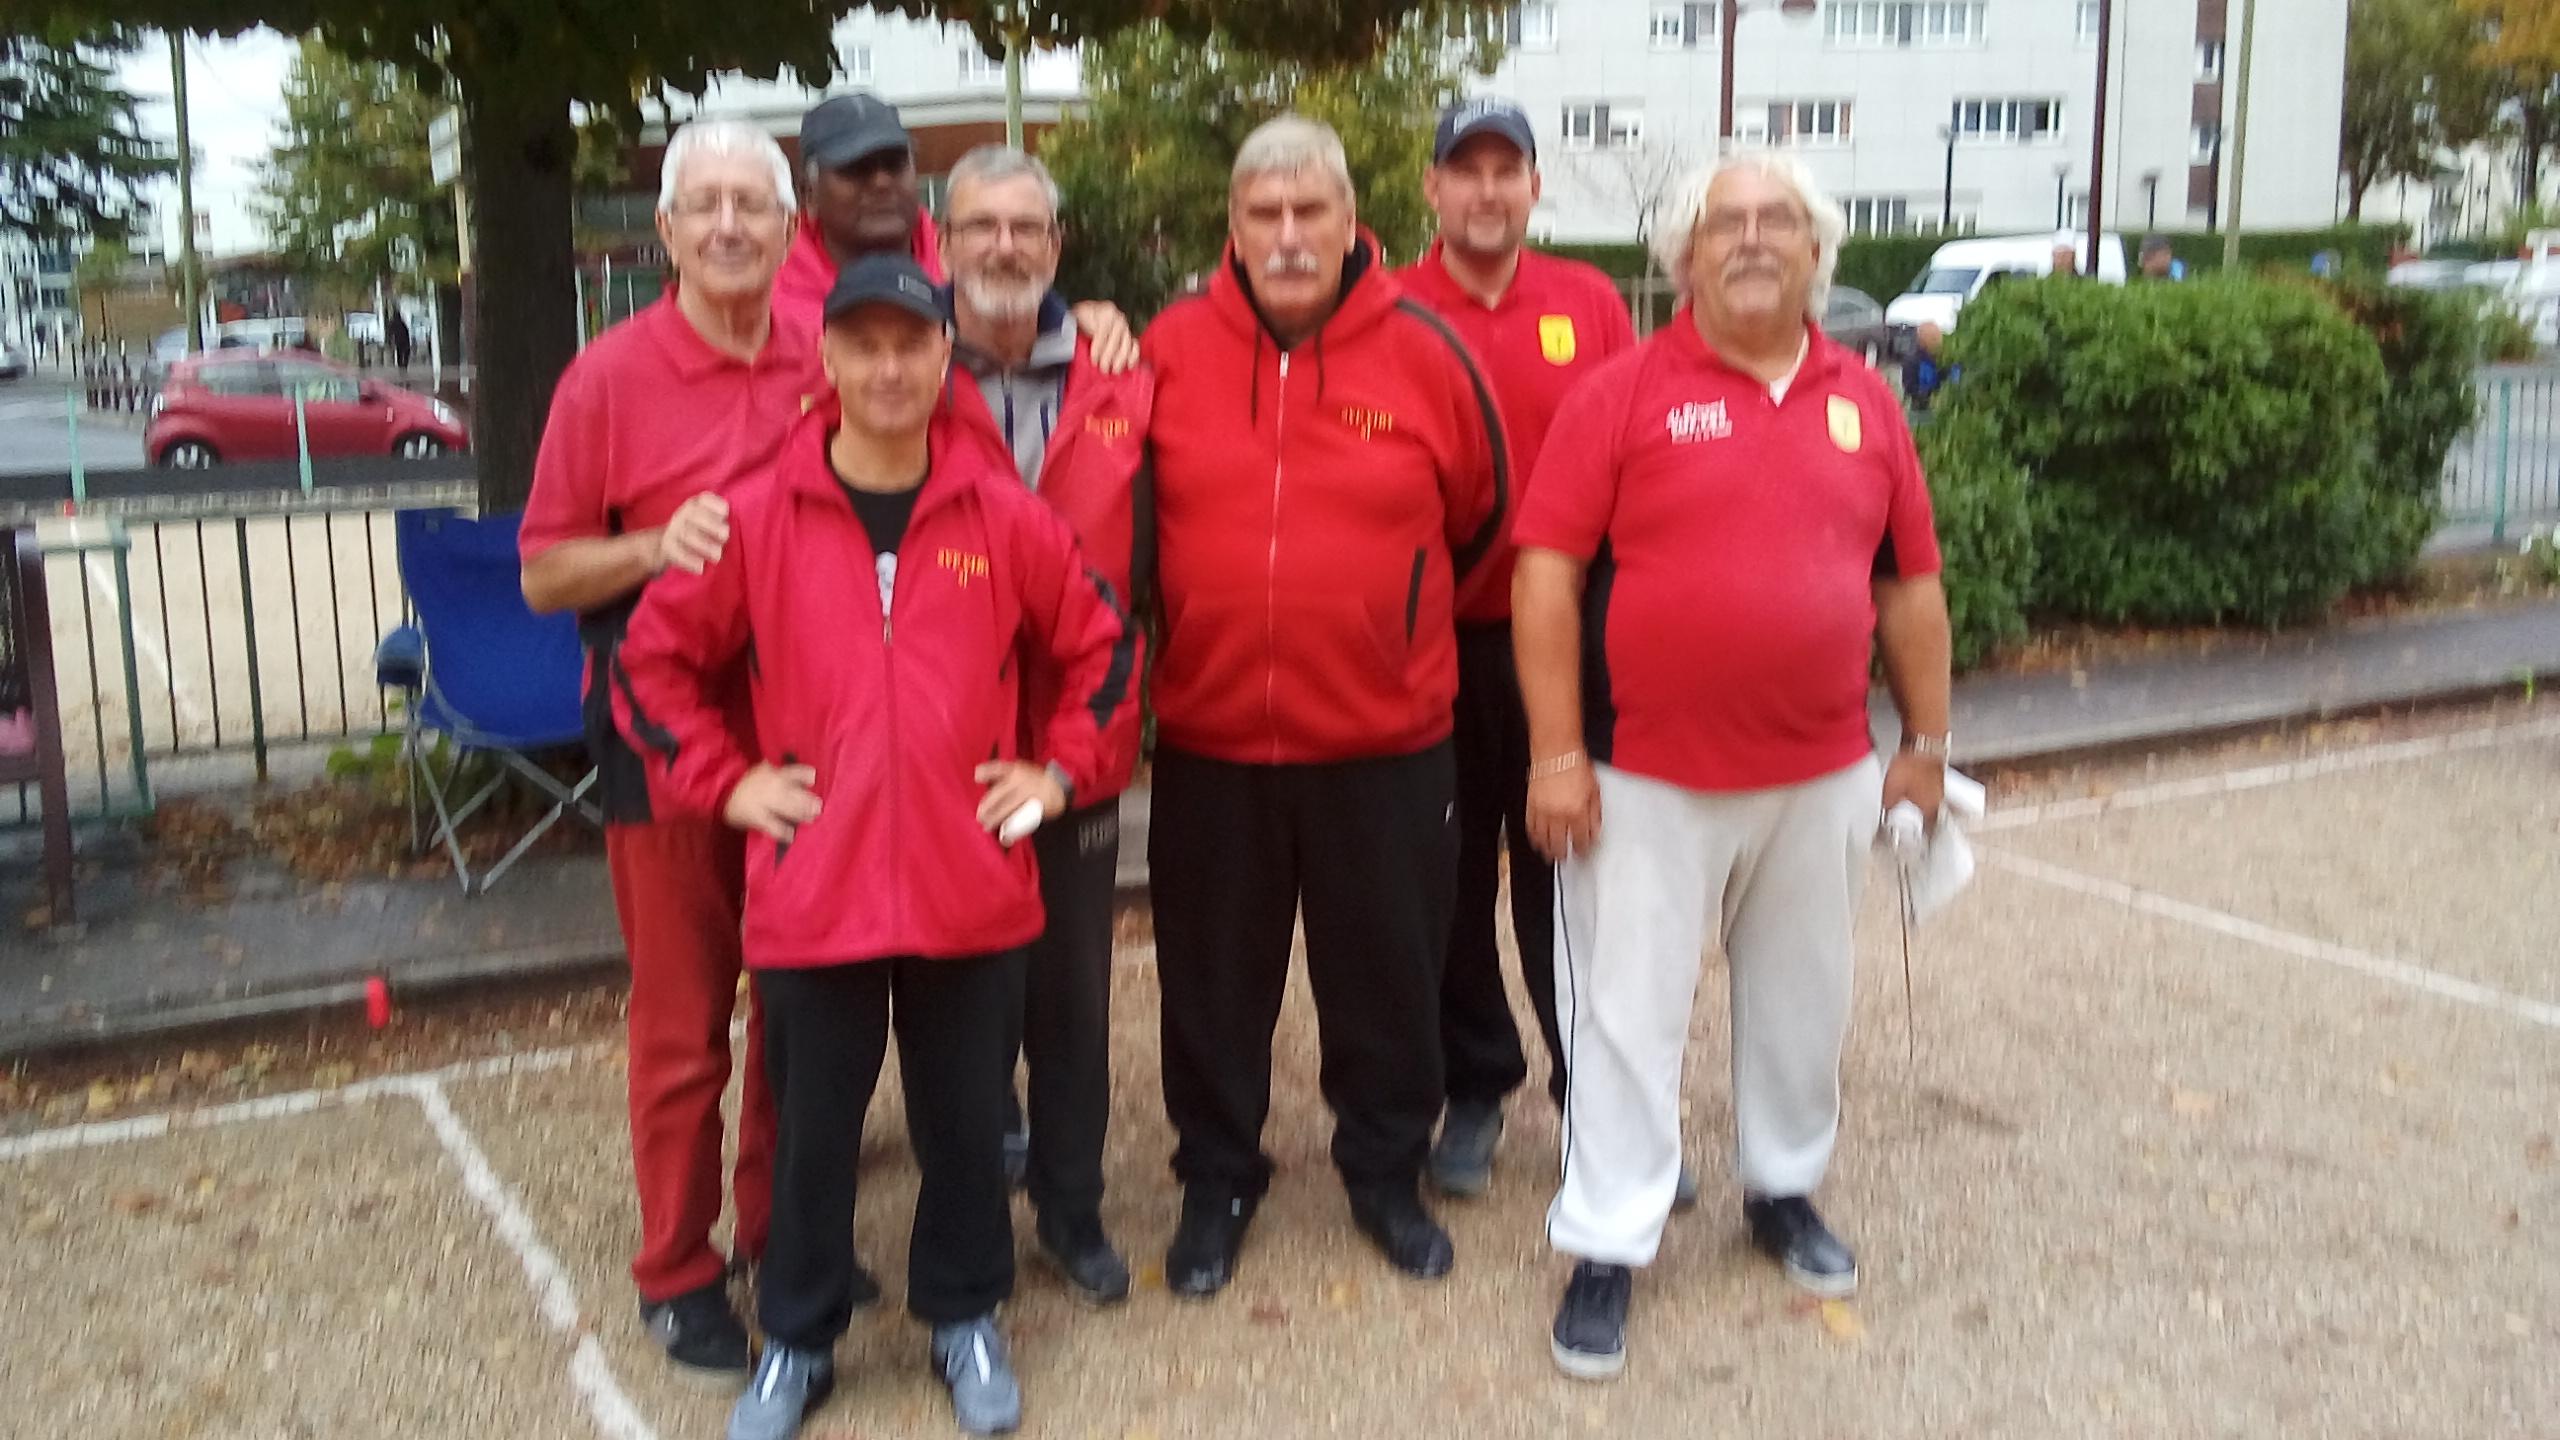 L'équipe Senior SVCP 3  défaite par Saulx les Chartreeux, Alain (coach), Stéphane, Gérard, Christian, Jean-Michel, Guillaume et Robert